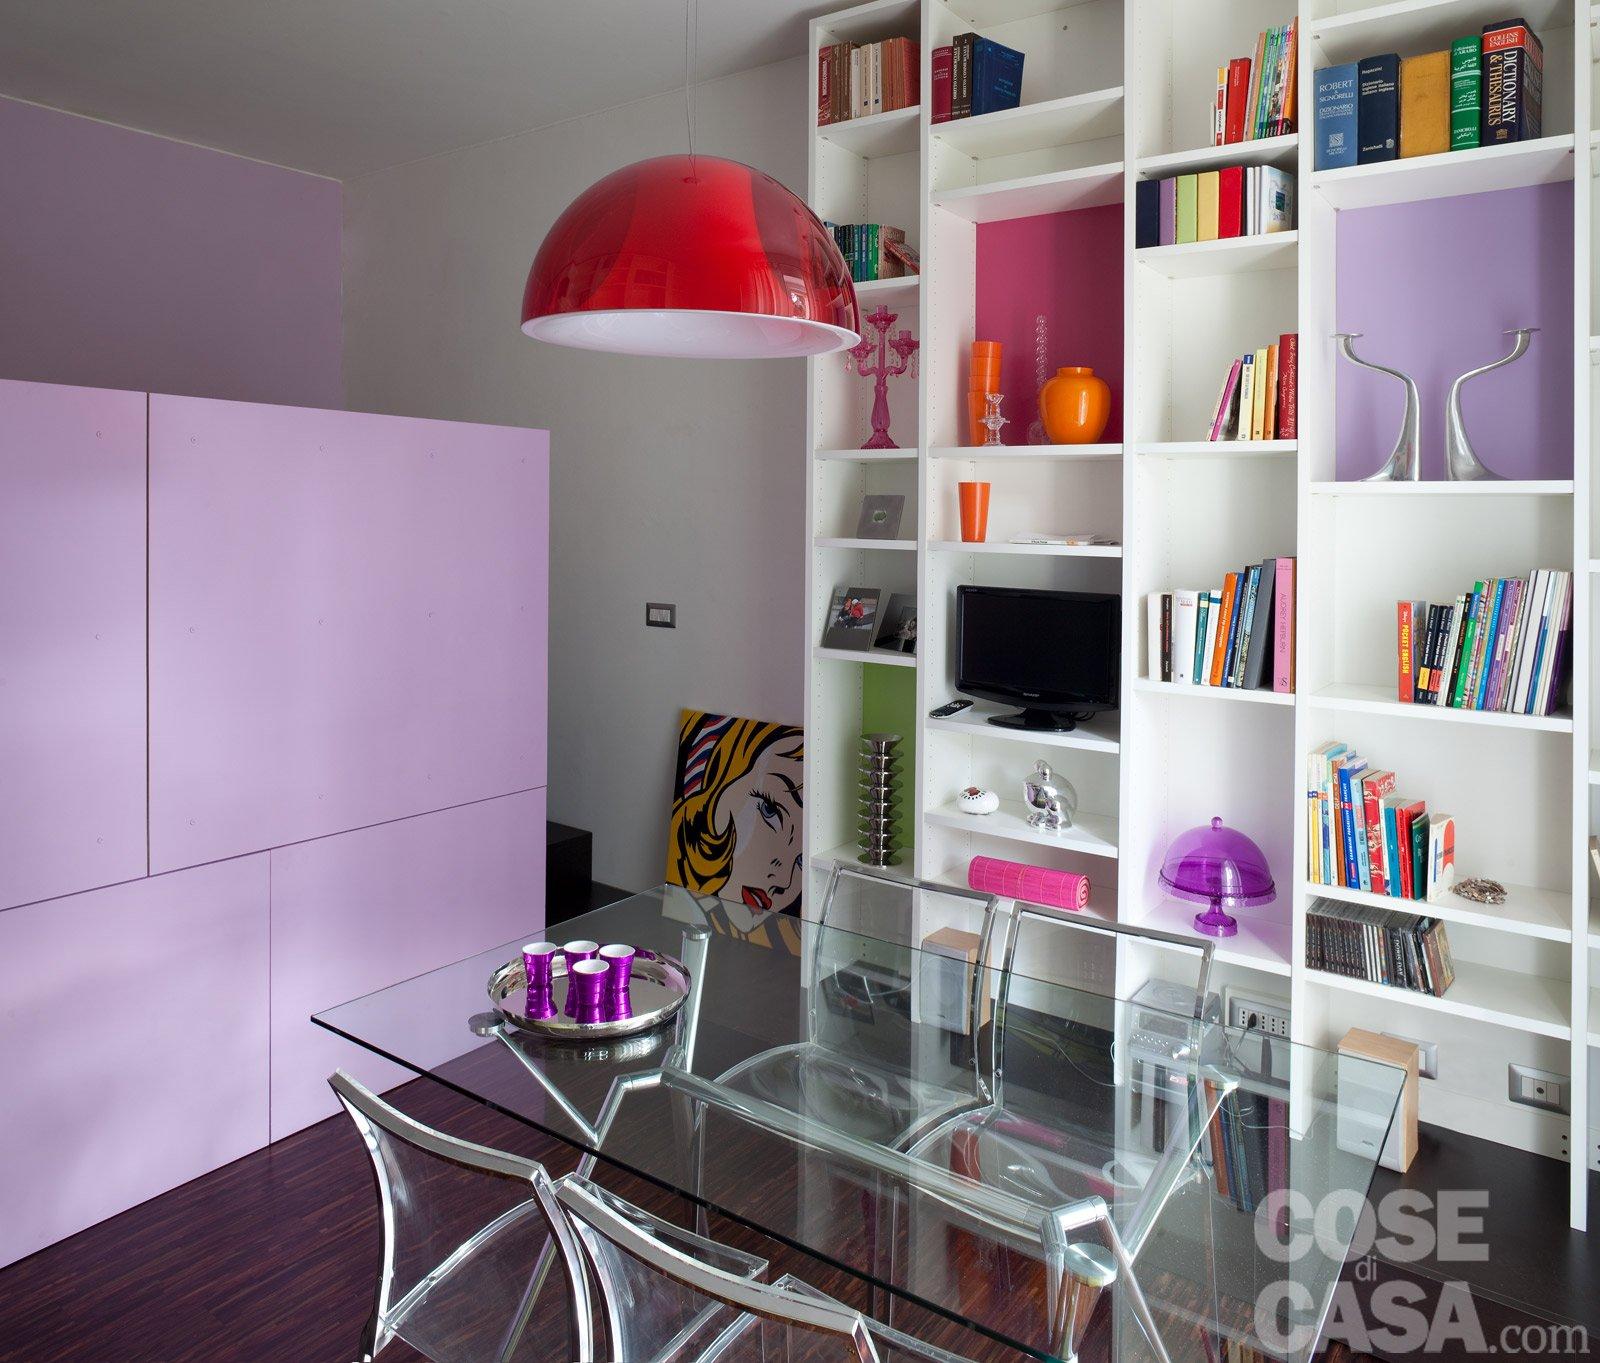 Una Casa Di 40 Mq: Monolocale Con Cucina Separata Cose Di Casa #AC211F 1600 1363 Come Arredare Una Cucina Soggiorno Di 40 Mq